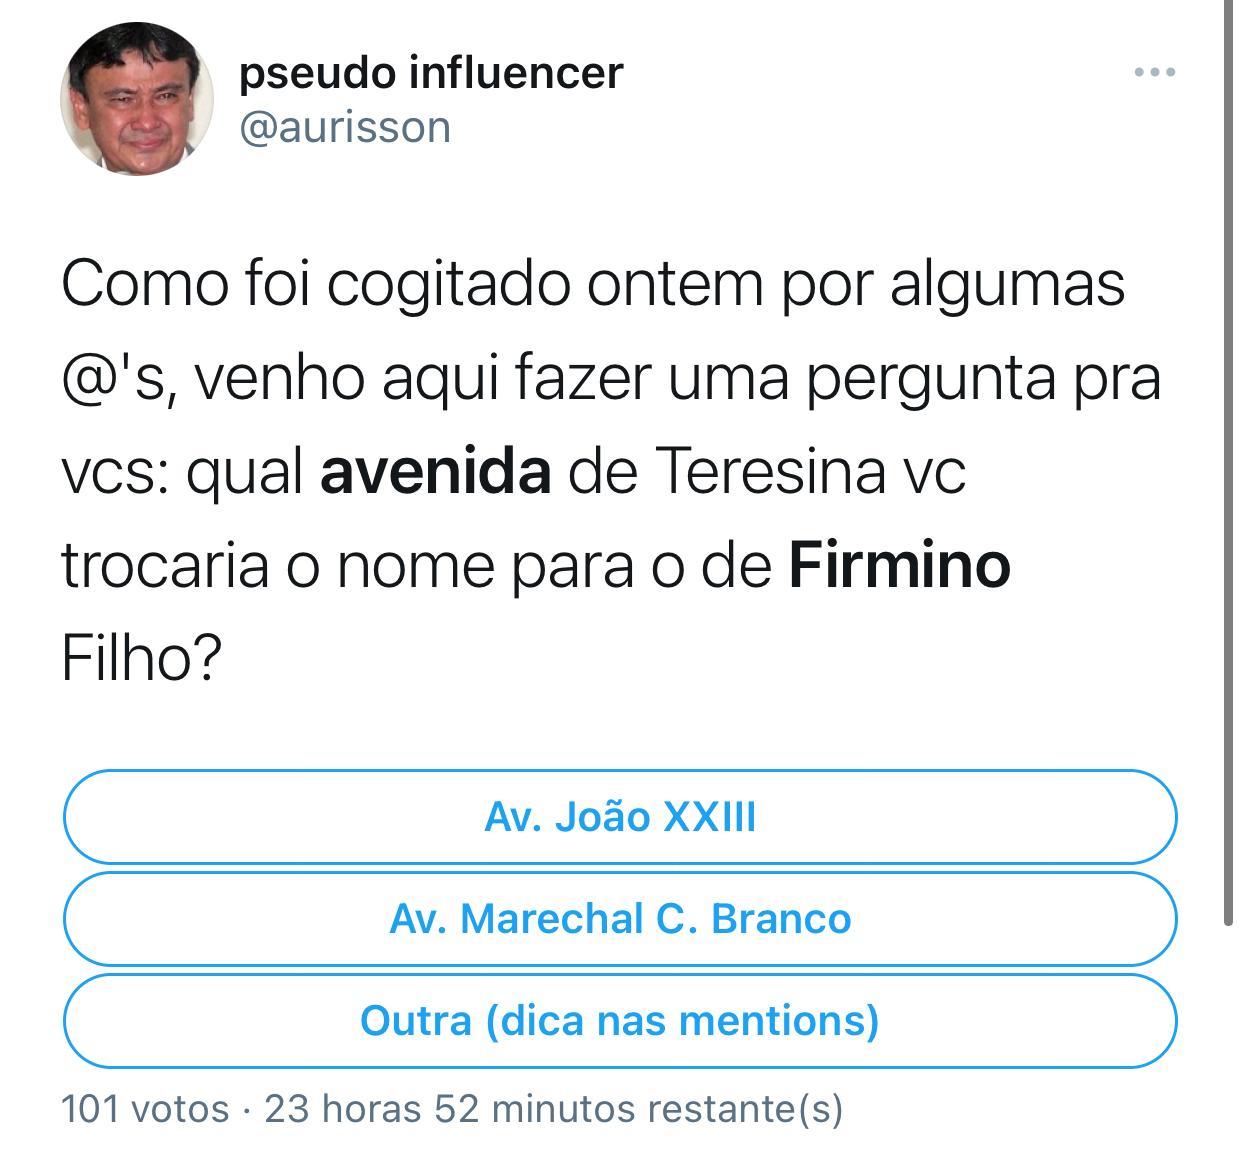 Até enquete foi aberta por usuário do Twitter questionando sobre a homenagem a Firmino. Imagem: Reprodução